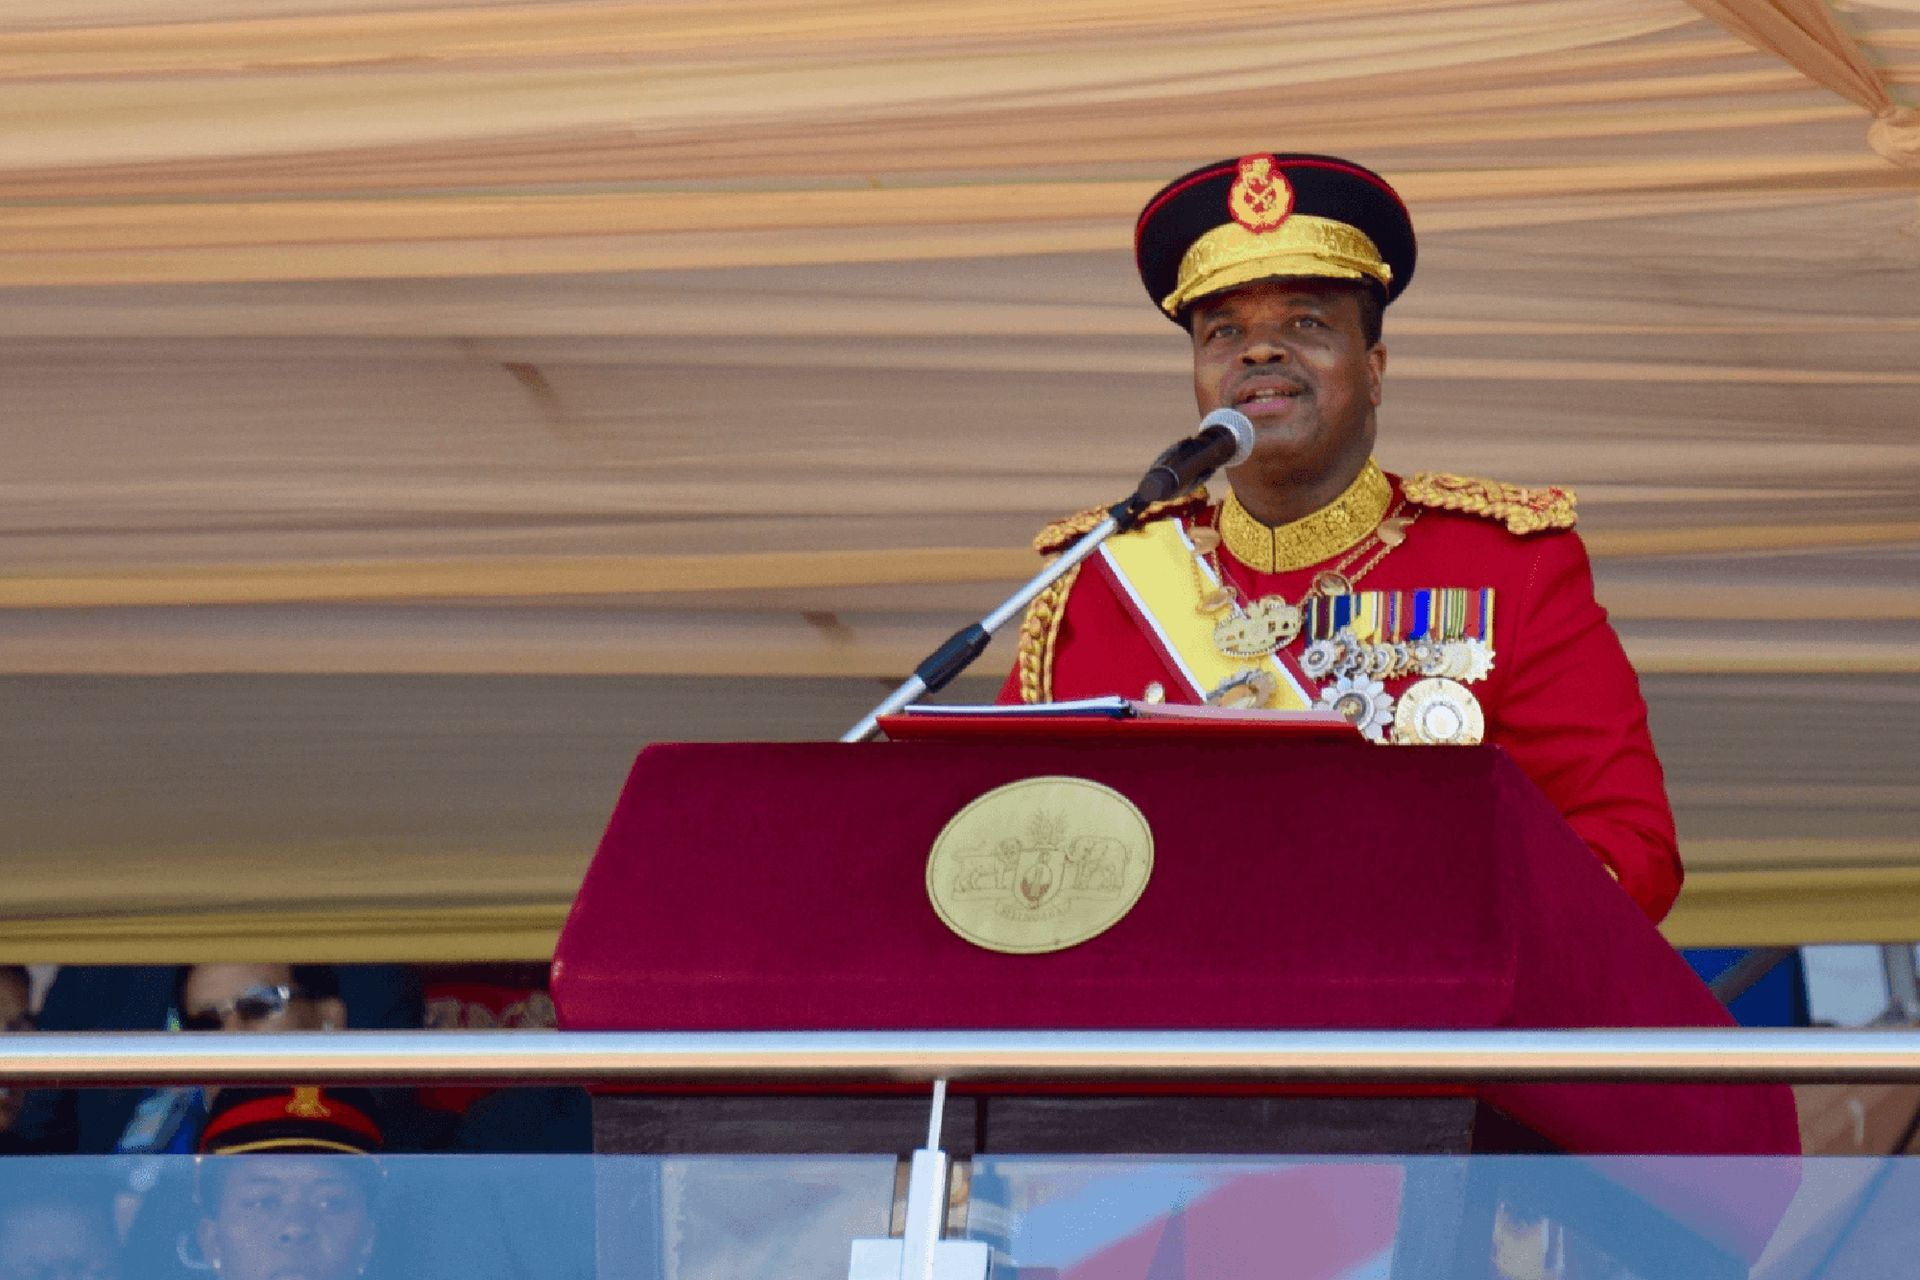 El controvertido rey Mswati III de Eswatini, previamente conocido como Swazilandia, impulsor del cambio